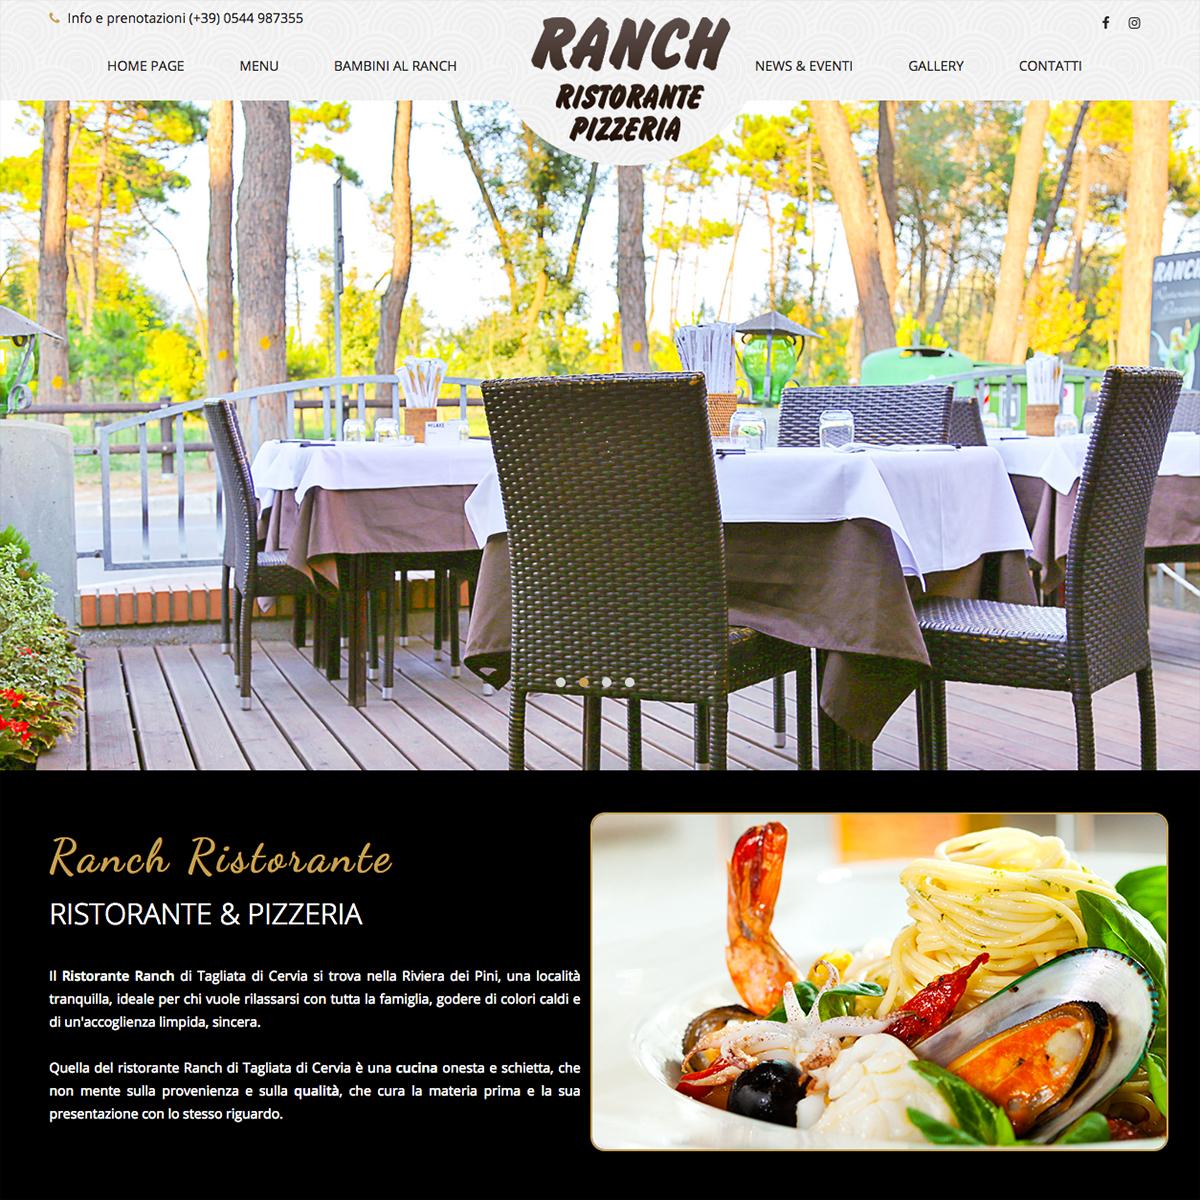 Ranch Ristorante